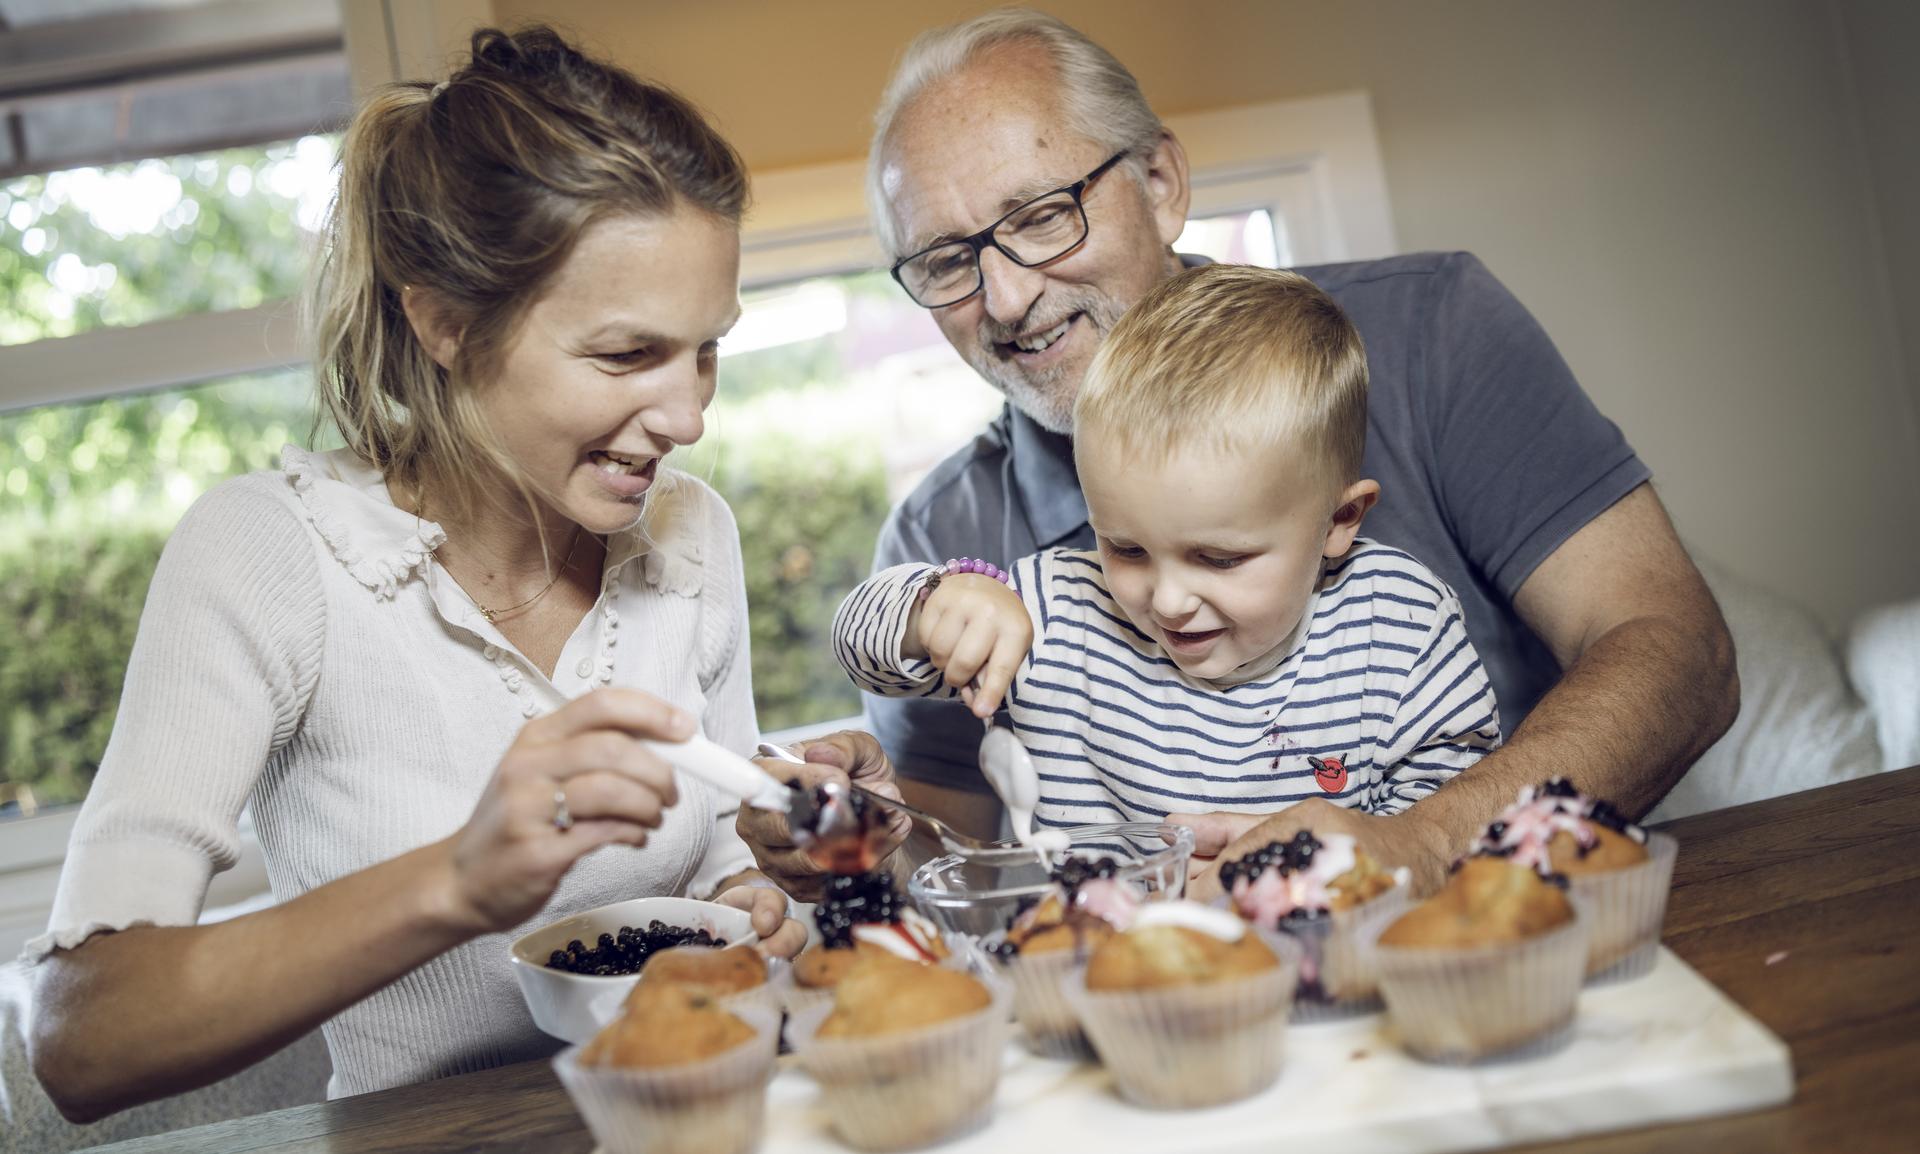 Familie baker muffins